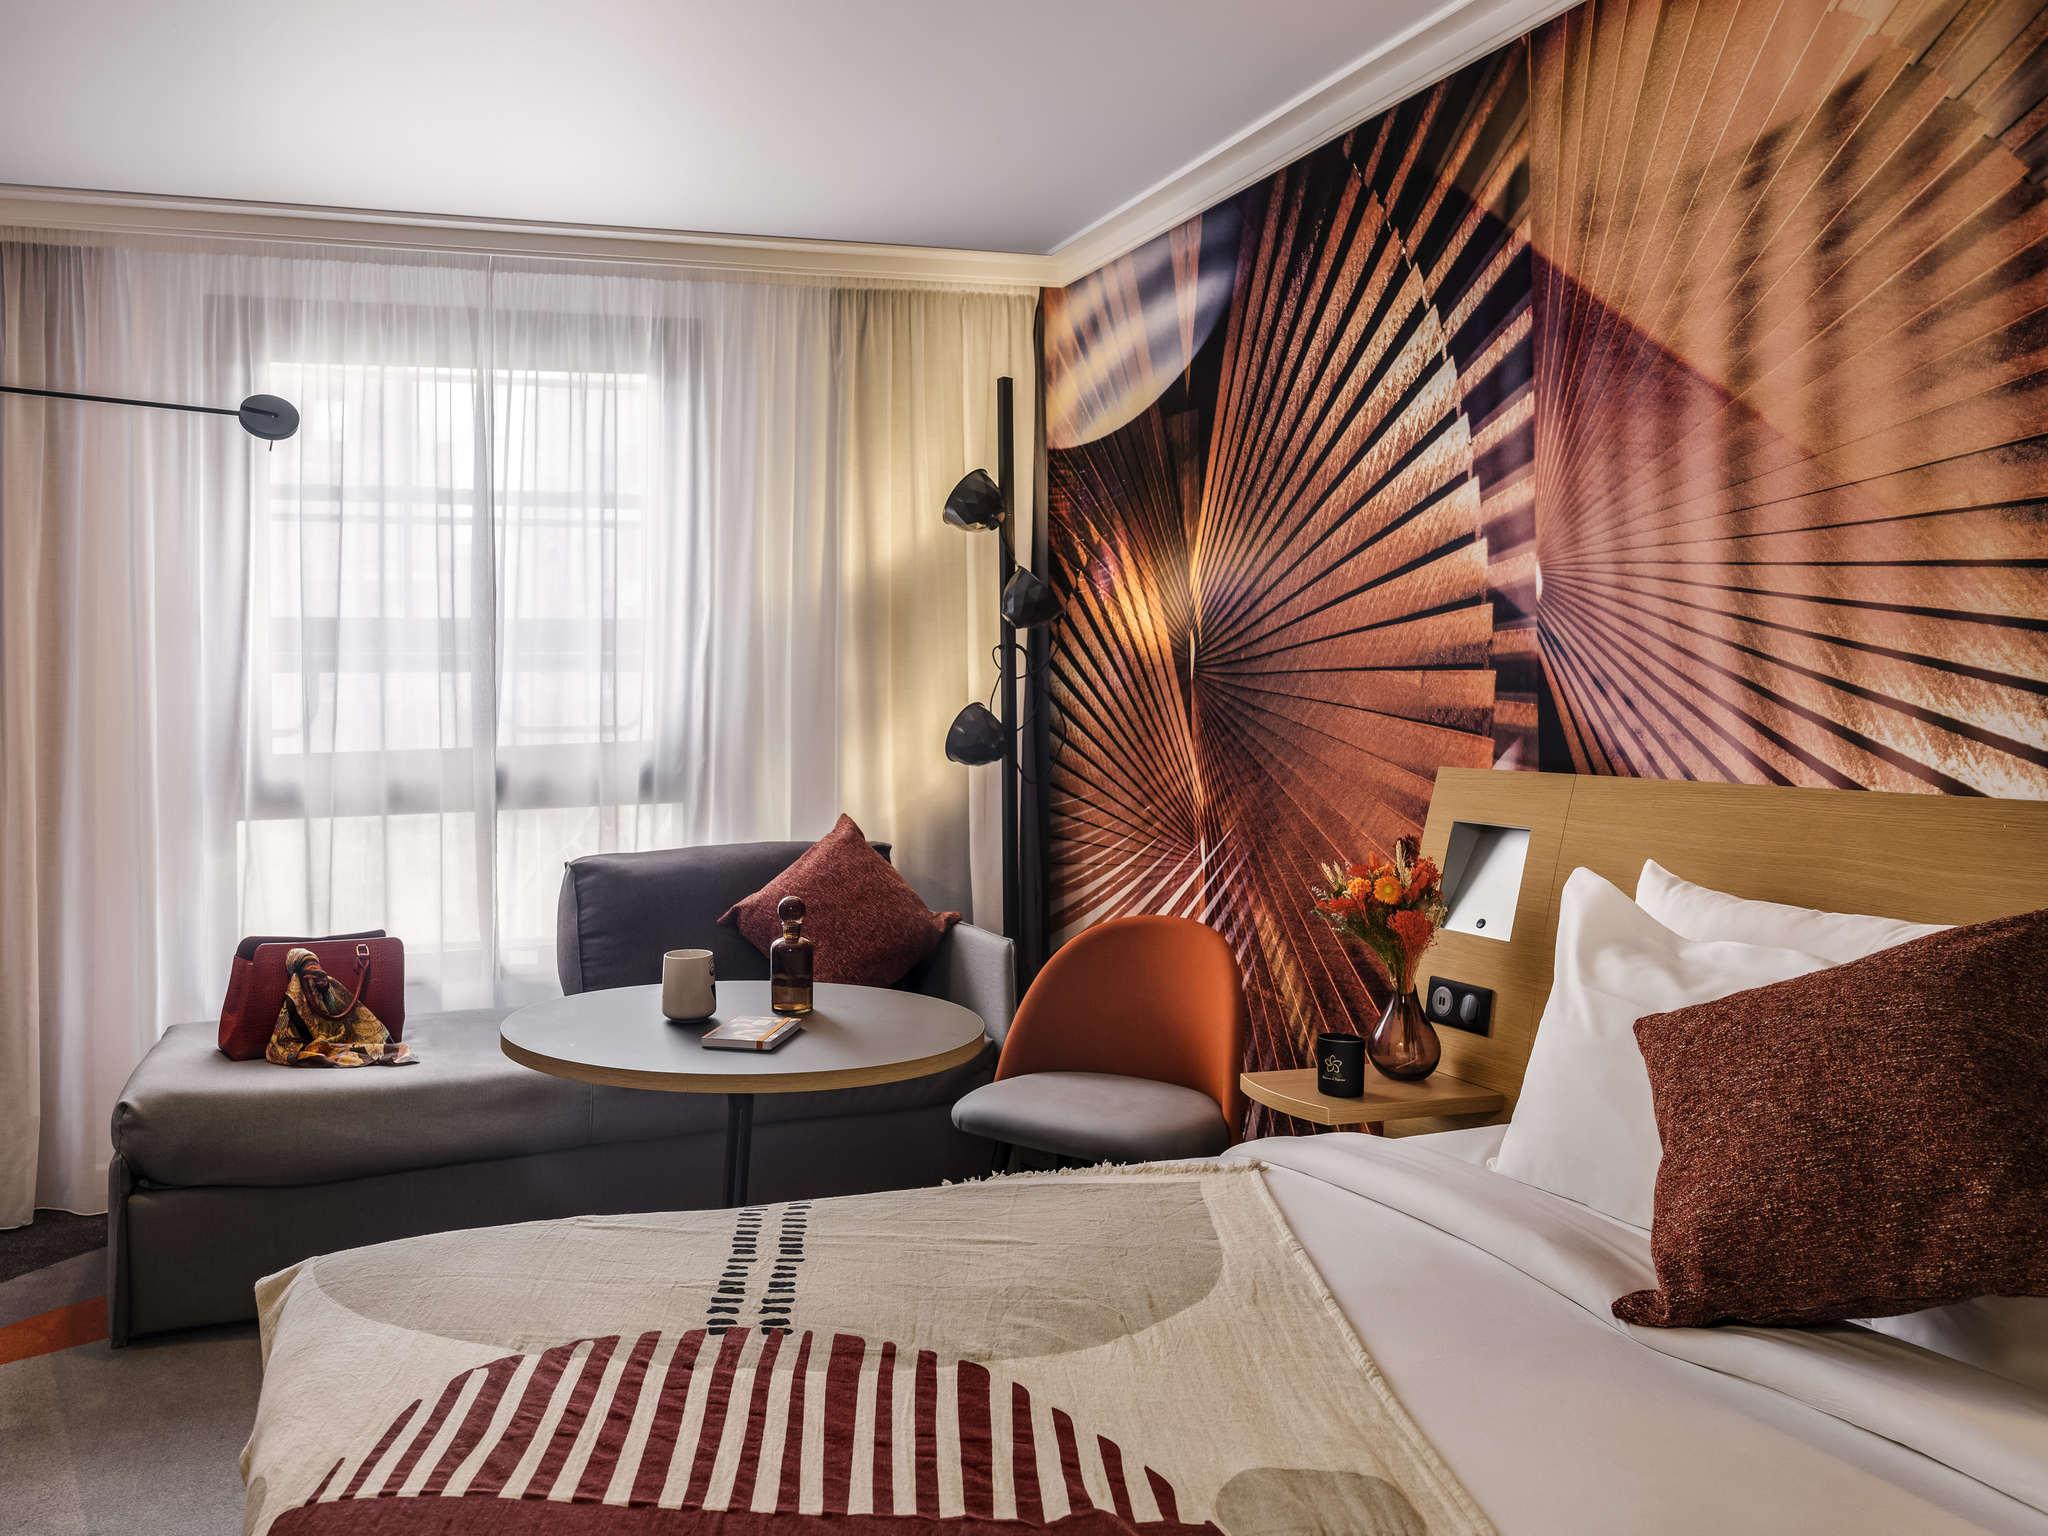 فندق - نوفوتيل Novotel باريس فوجيرار مونبارناس